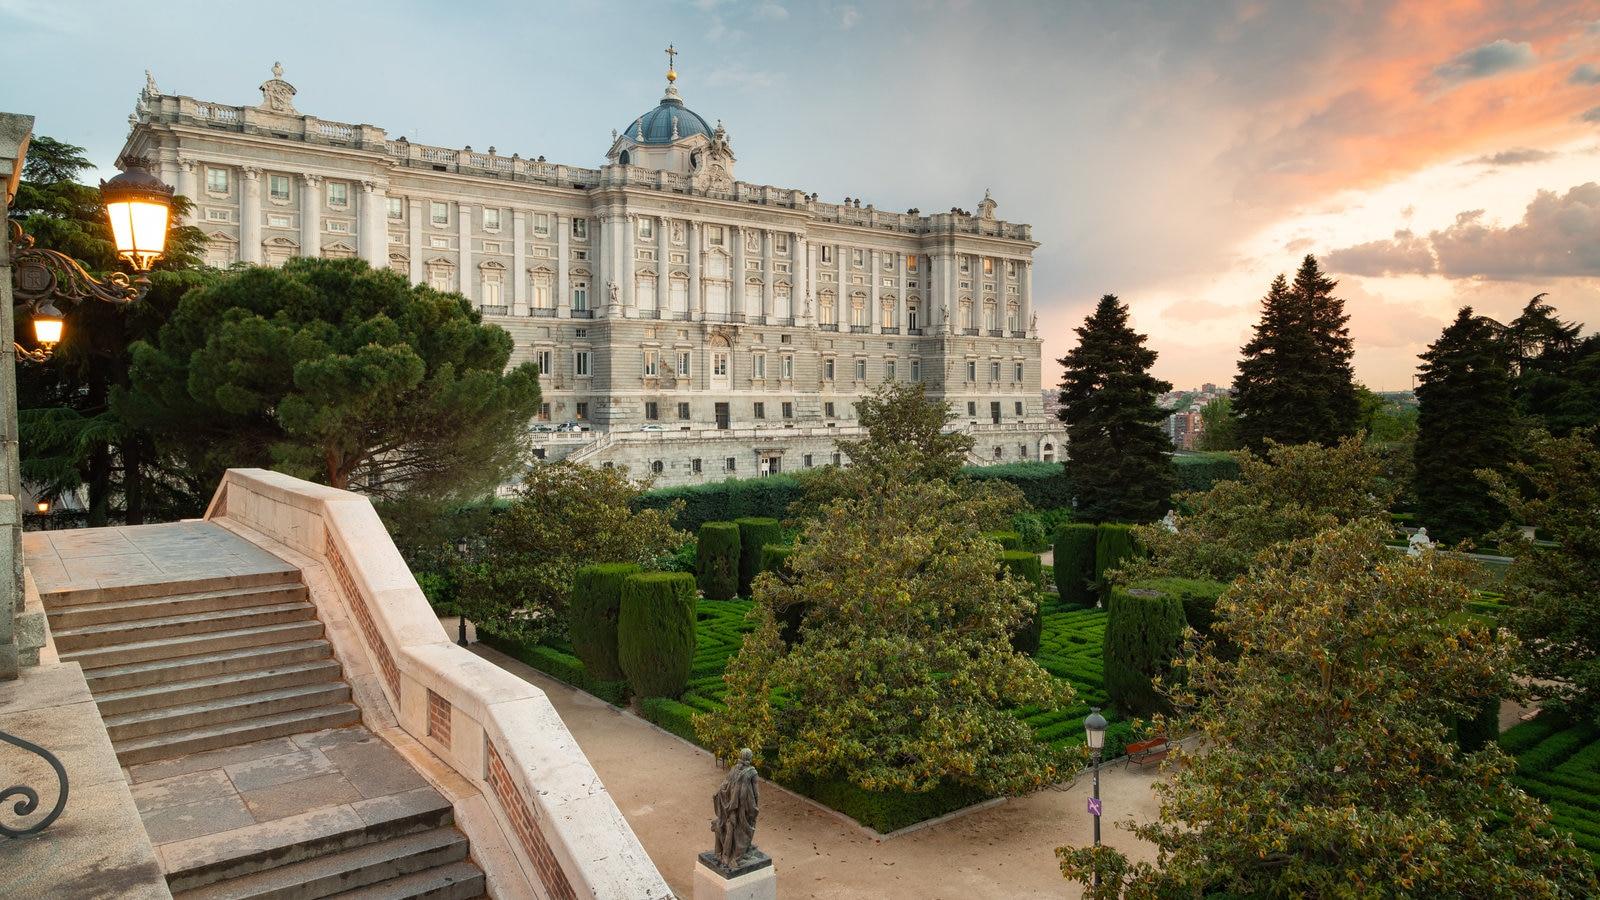 Palacio Real ofreciendo patrimonio de arquitectura, un castillo y una puesta de sol